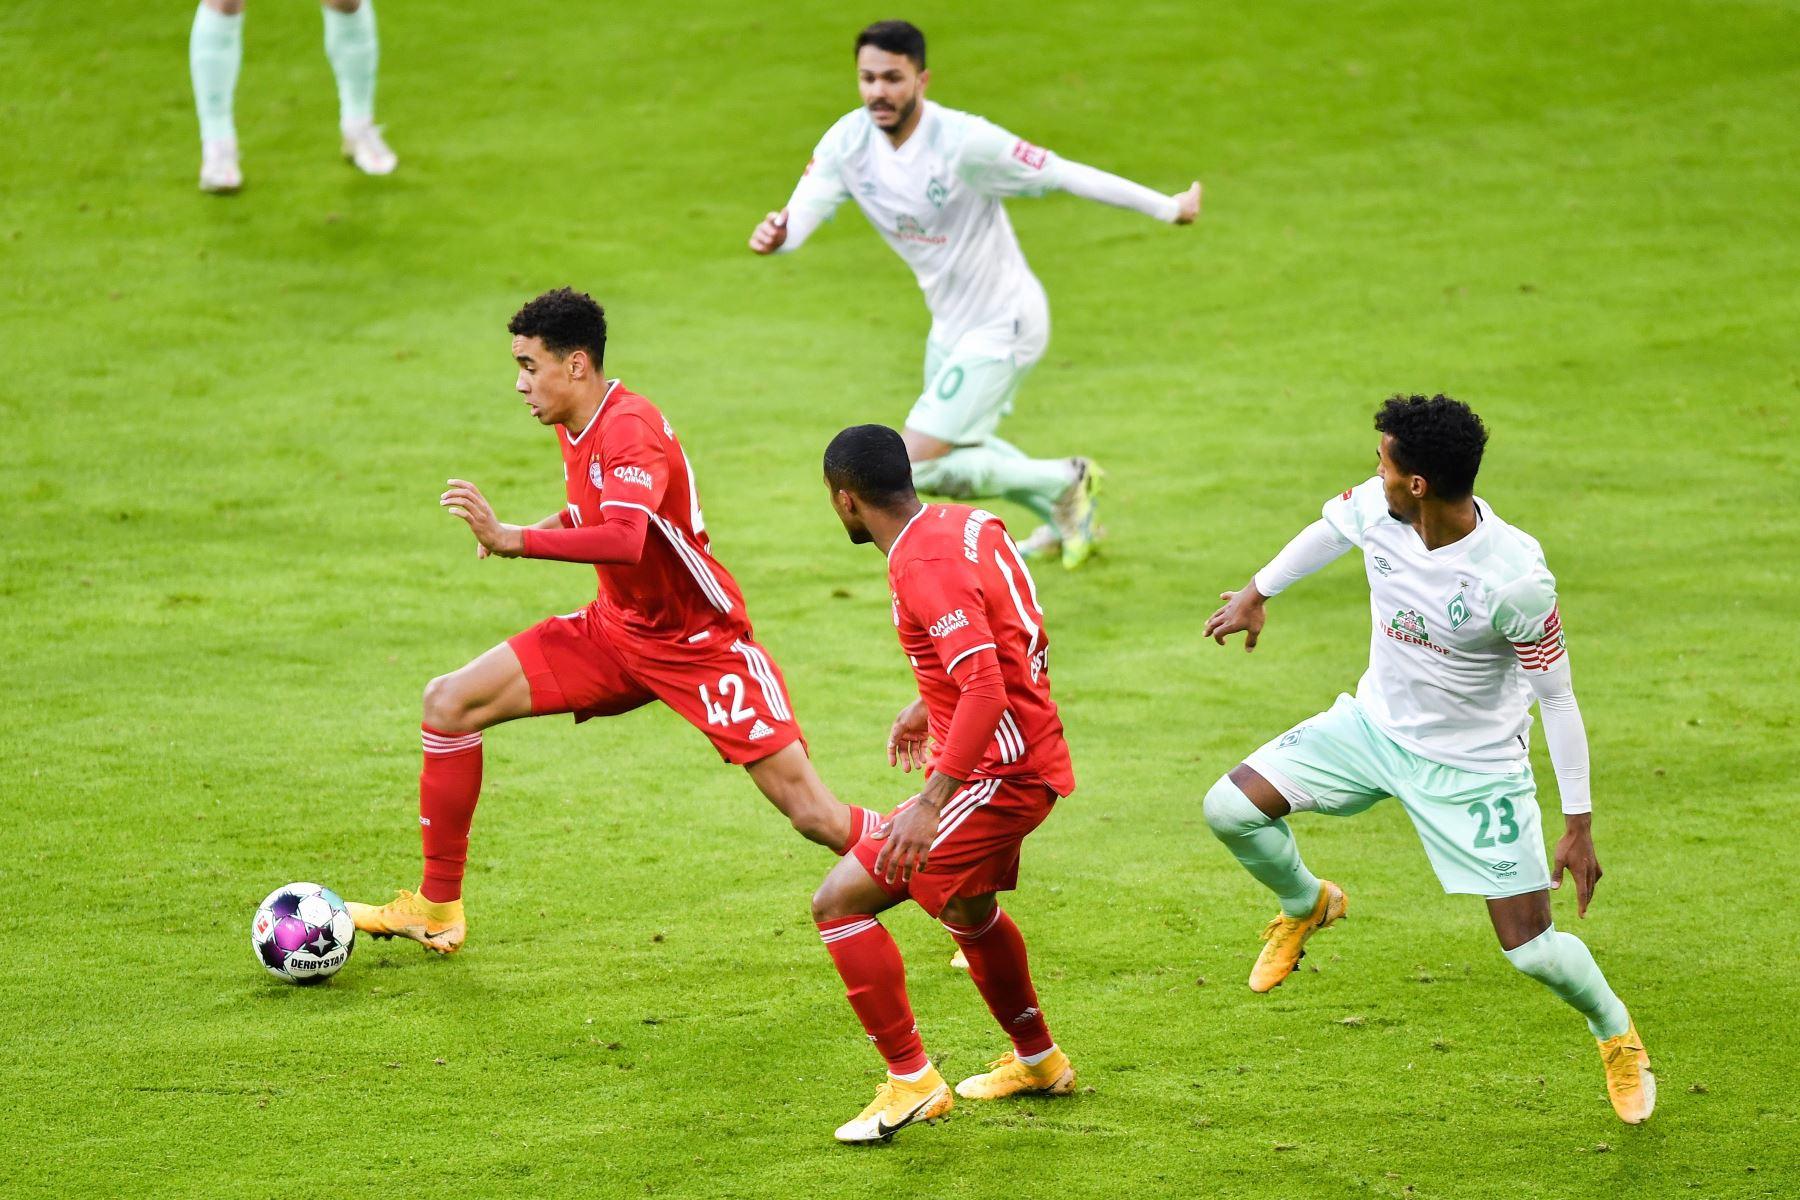 Jamal Musiala del Bayern Múnich en acción durante el partido de fútbol de la Bundesliga. Foto: EFE